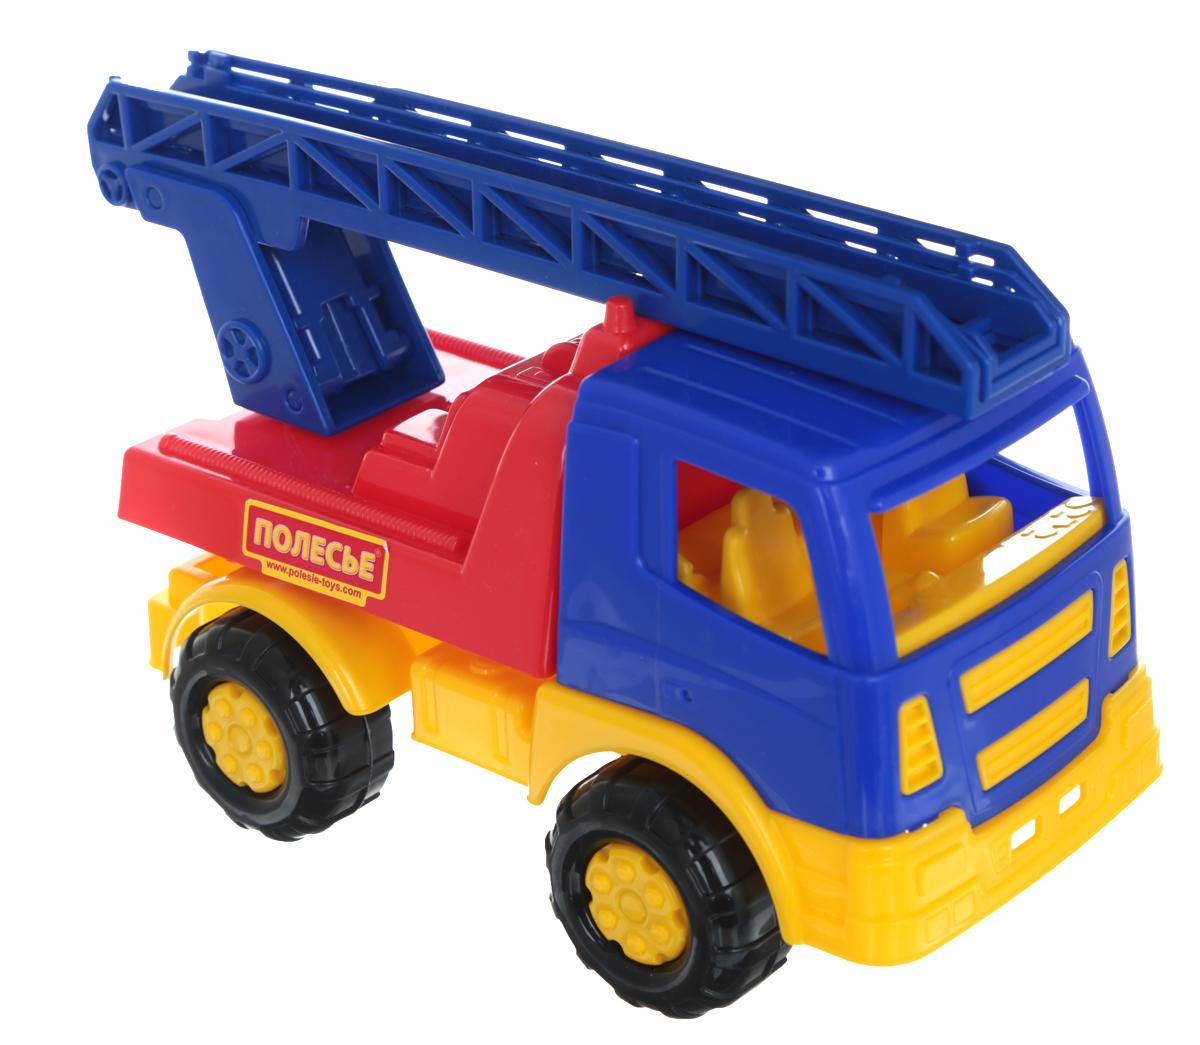 Полесье Пожарная спецмашина Салют цвет синий красный желтый полесье гоночный автомобиль торнадо цвет желтый